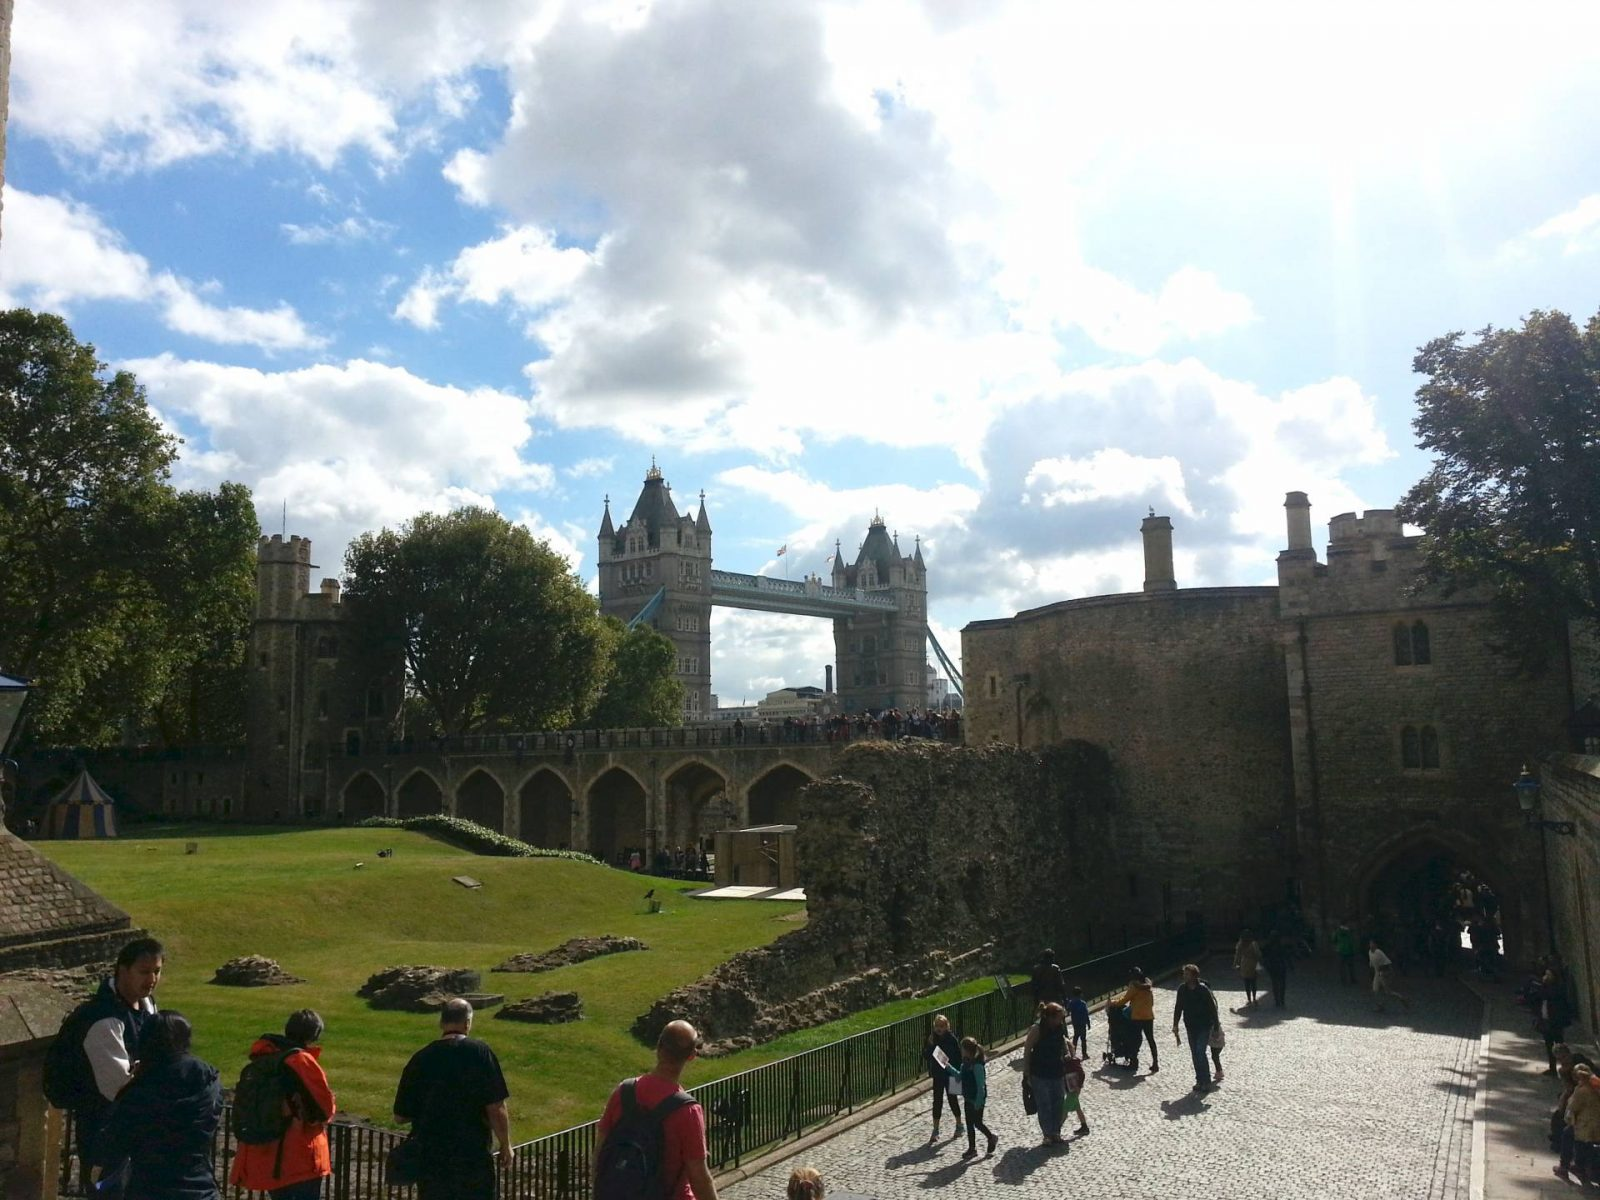 Weekend in London tower-of-london-view of London Bridge